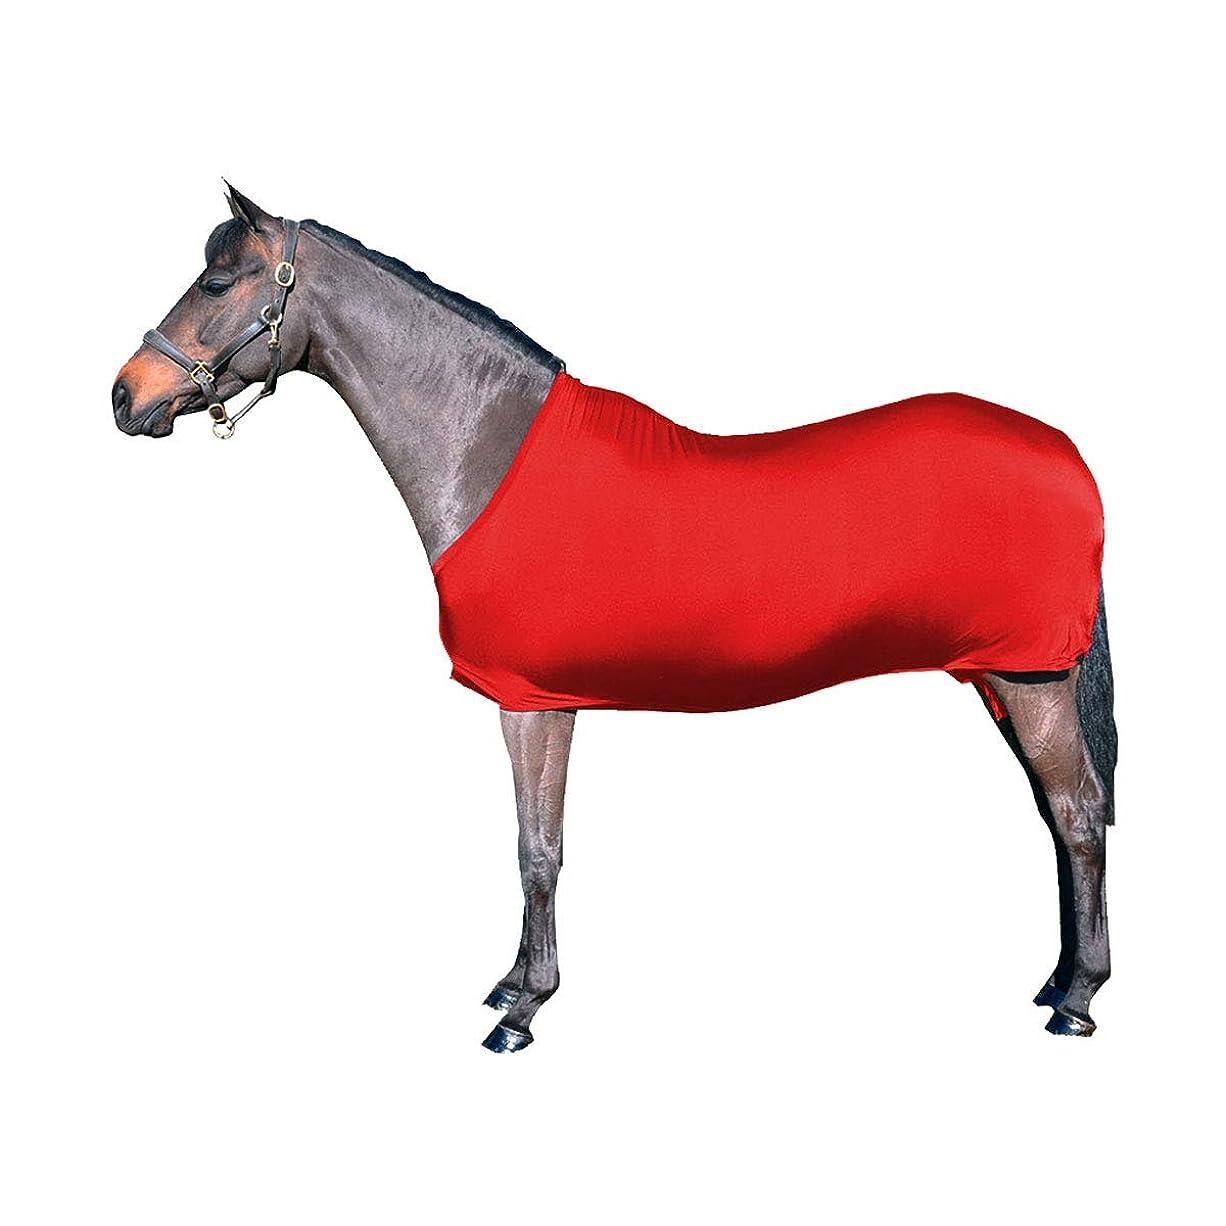 トランスミッションスピーチ取り囲む(スプリーム?プロダクツ) Supreme Products 馬用 ラグラップ Rug Wrap 馬着 乗馬 ホースライディング